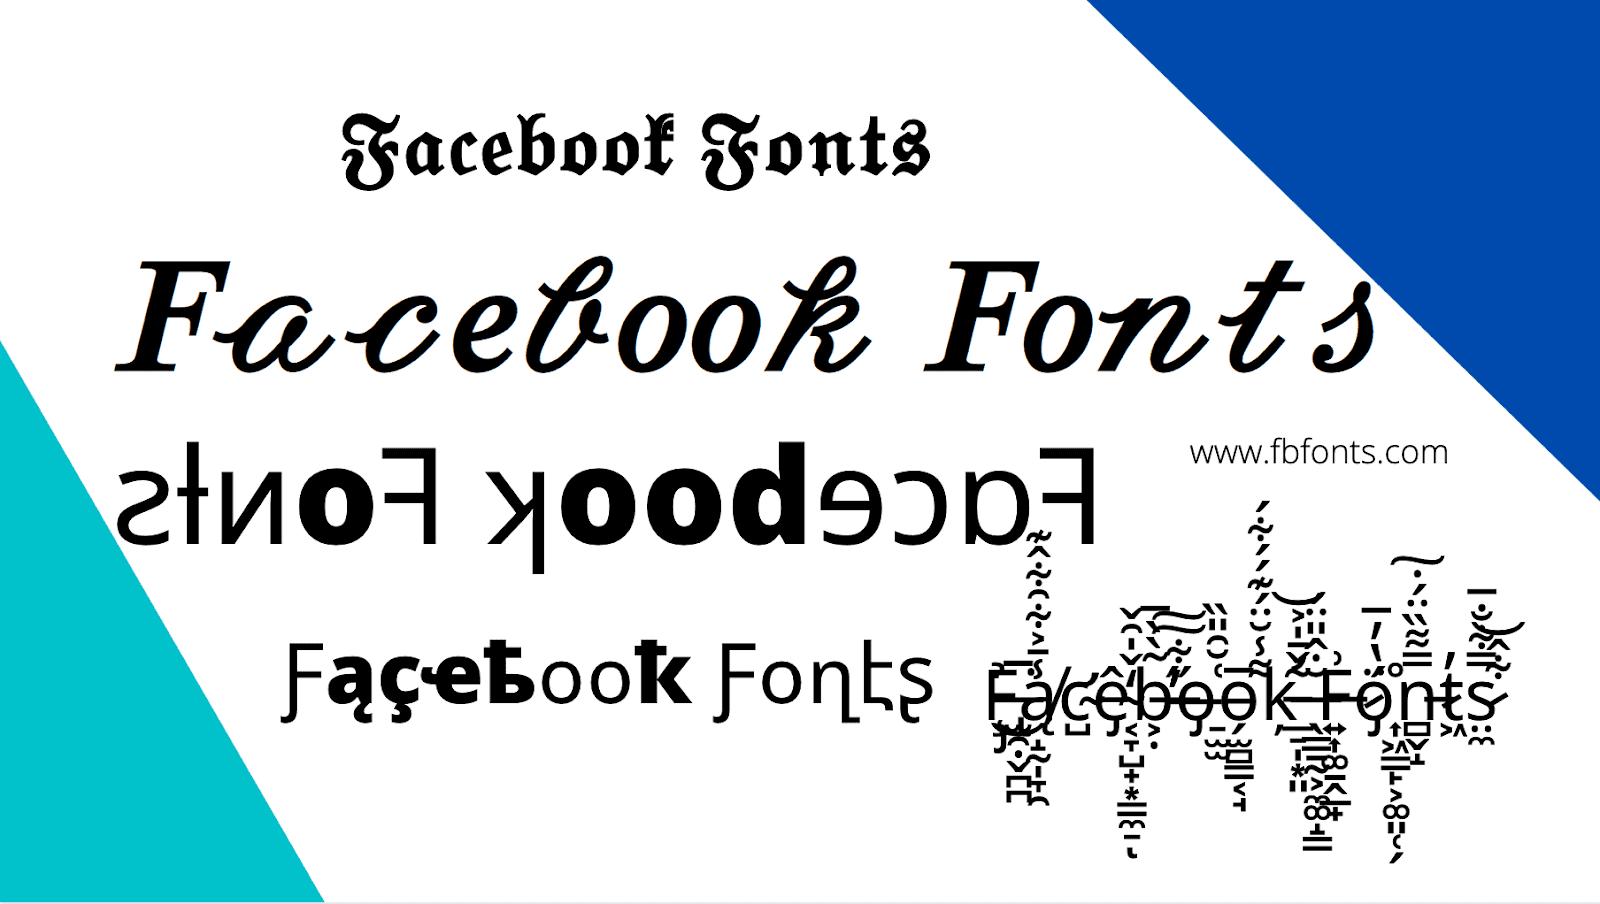 Facebook Fonts